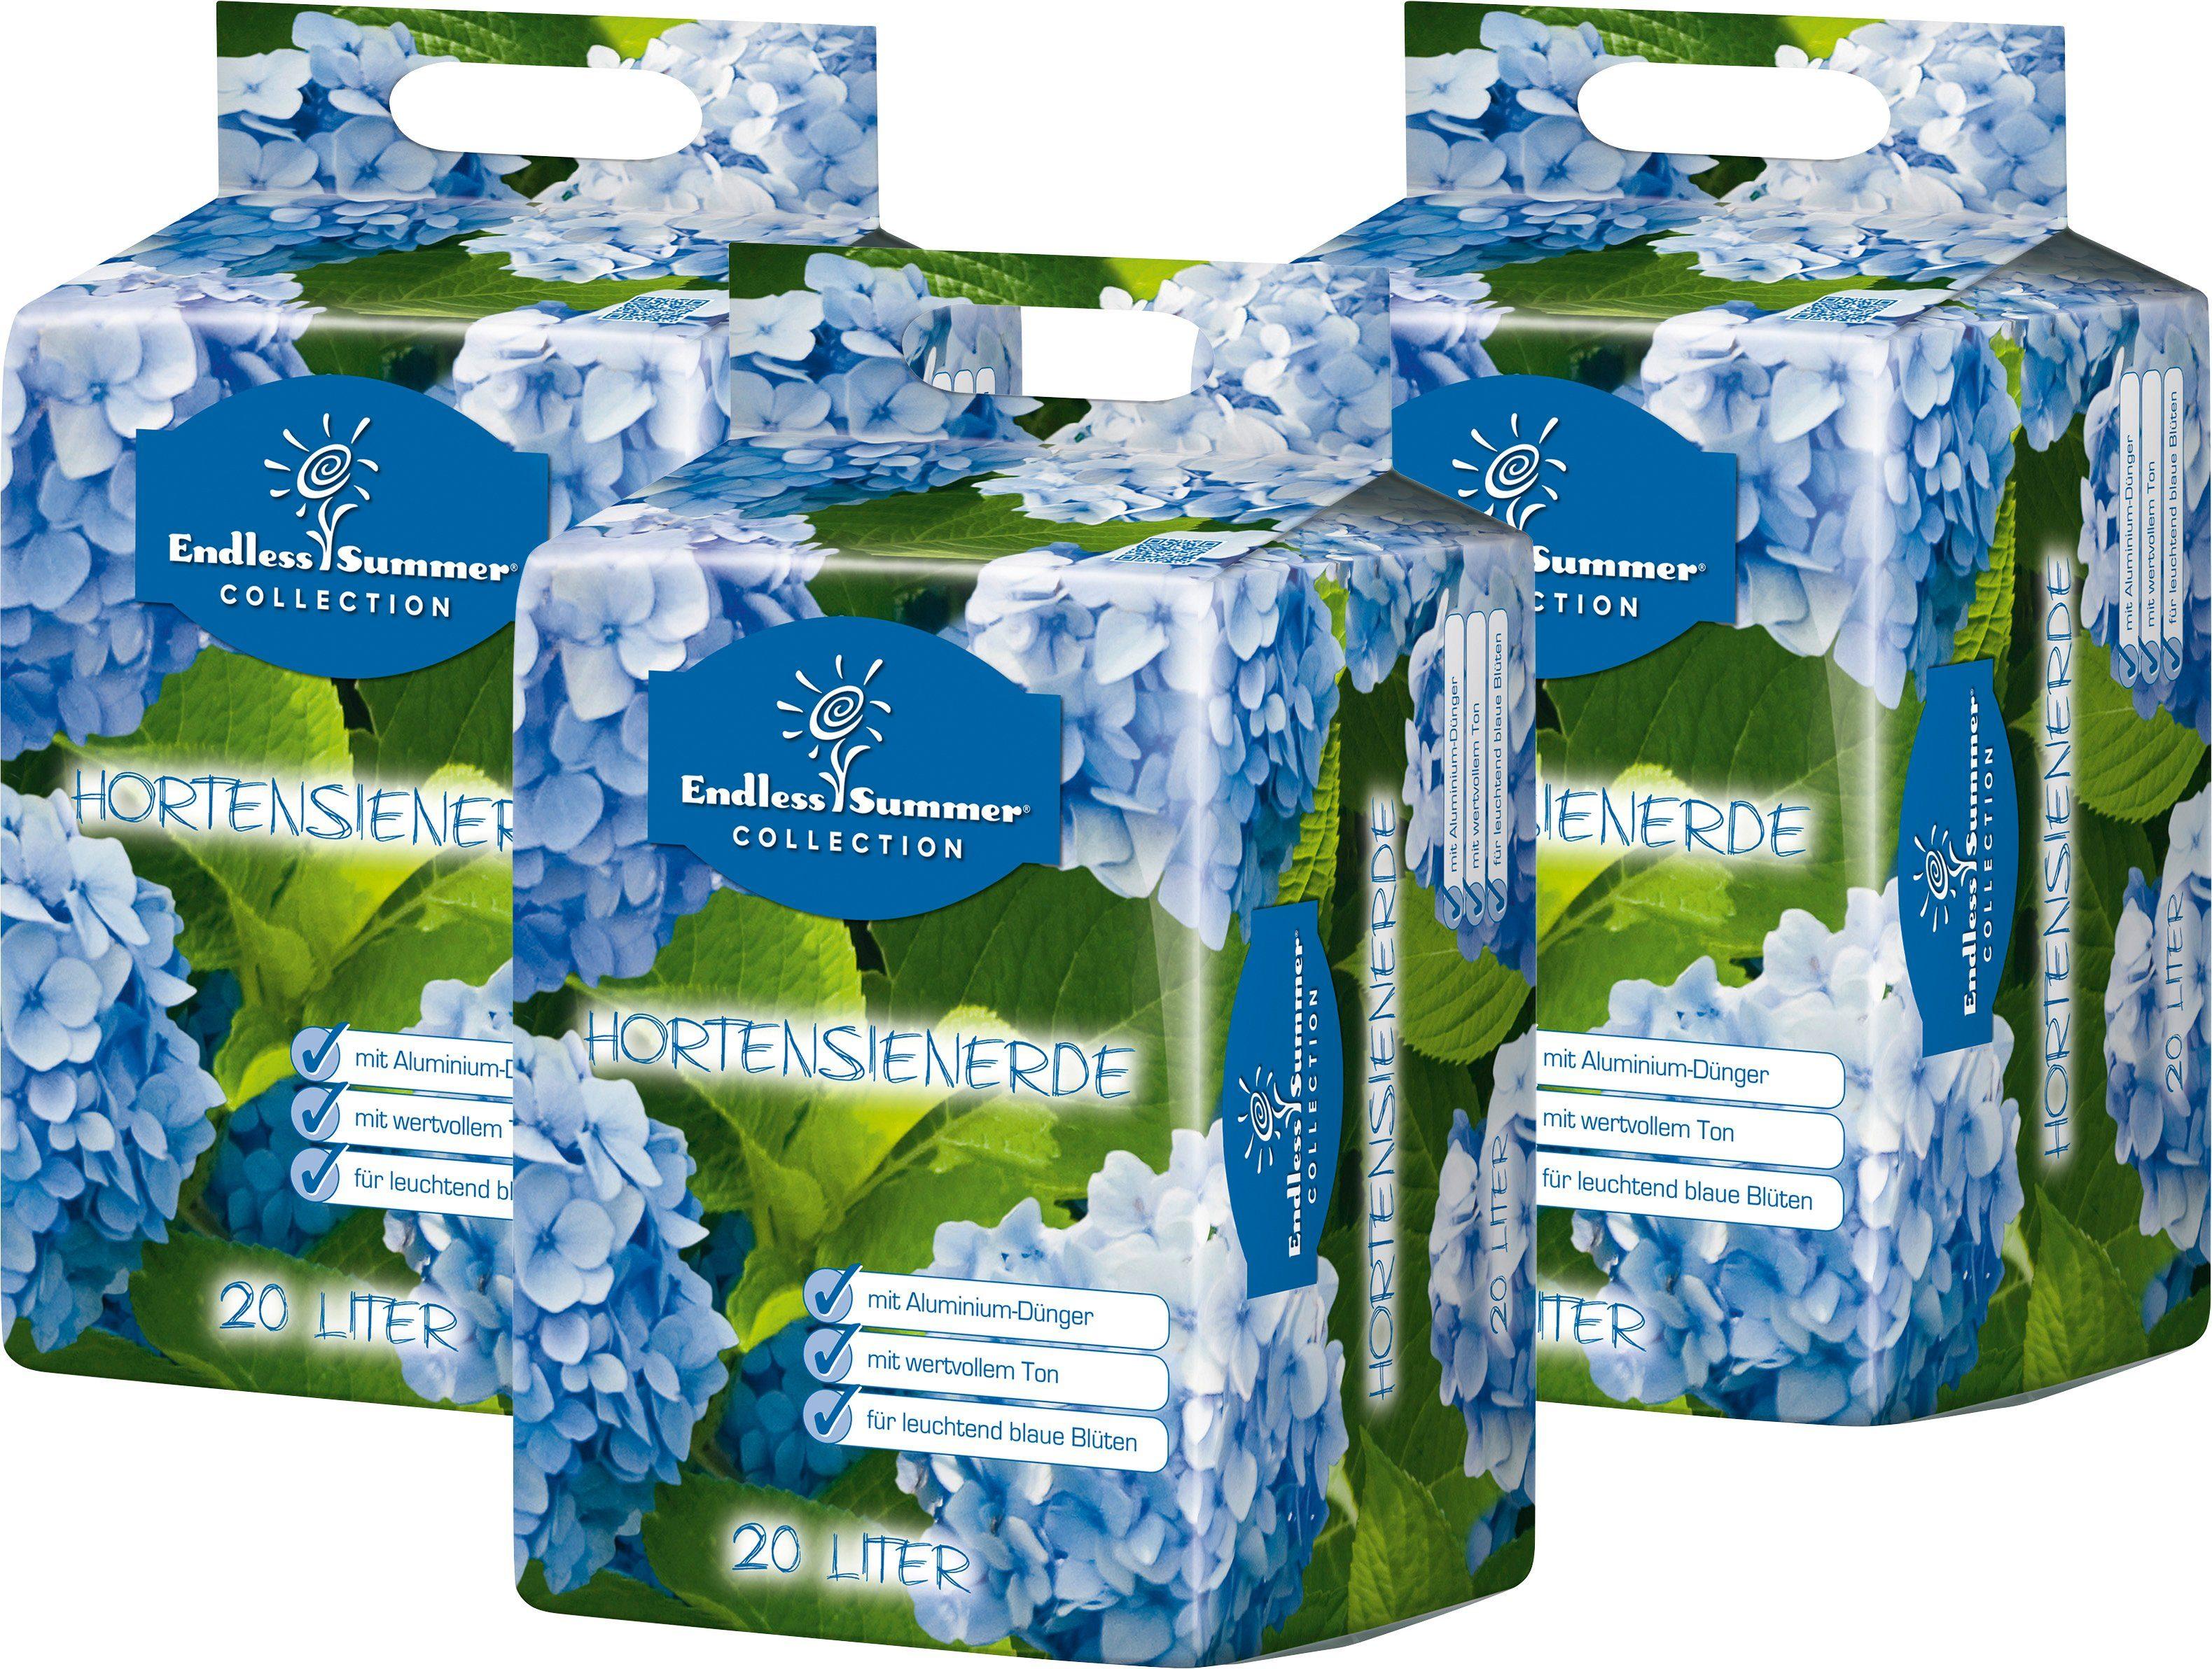 ENDLESS SUMMER Hortensienerde , blau, 3x20 Liter